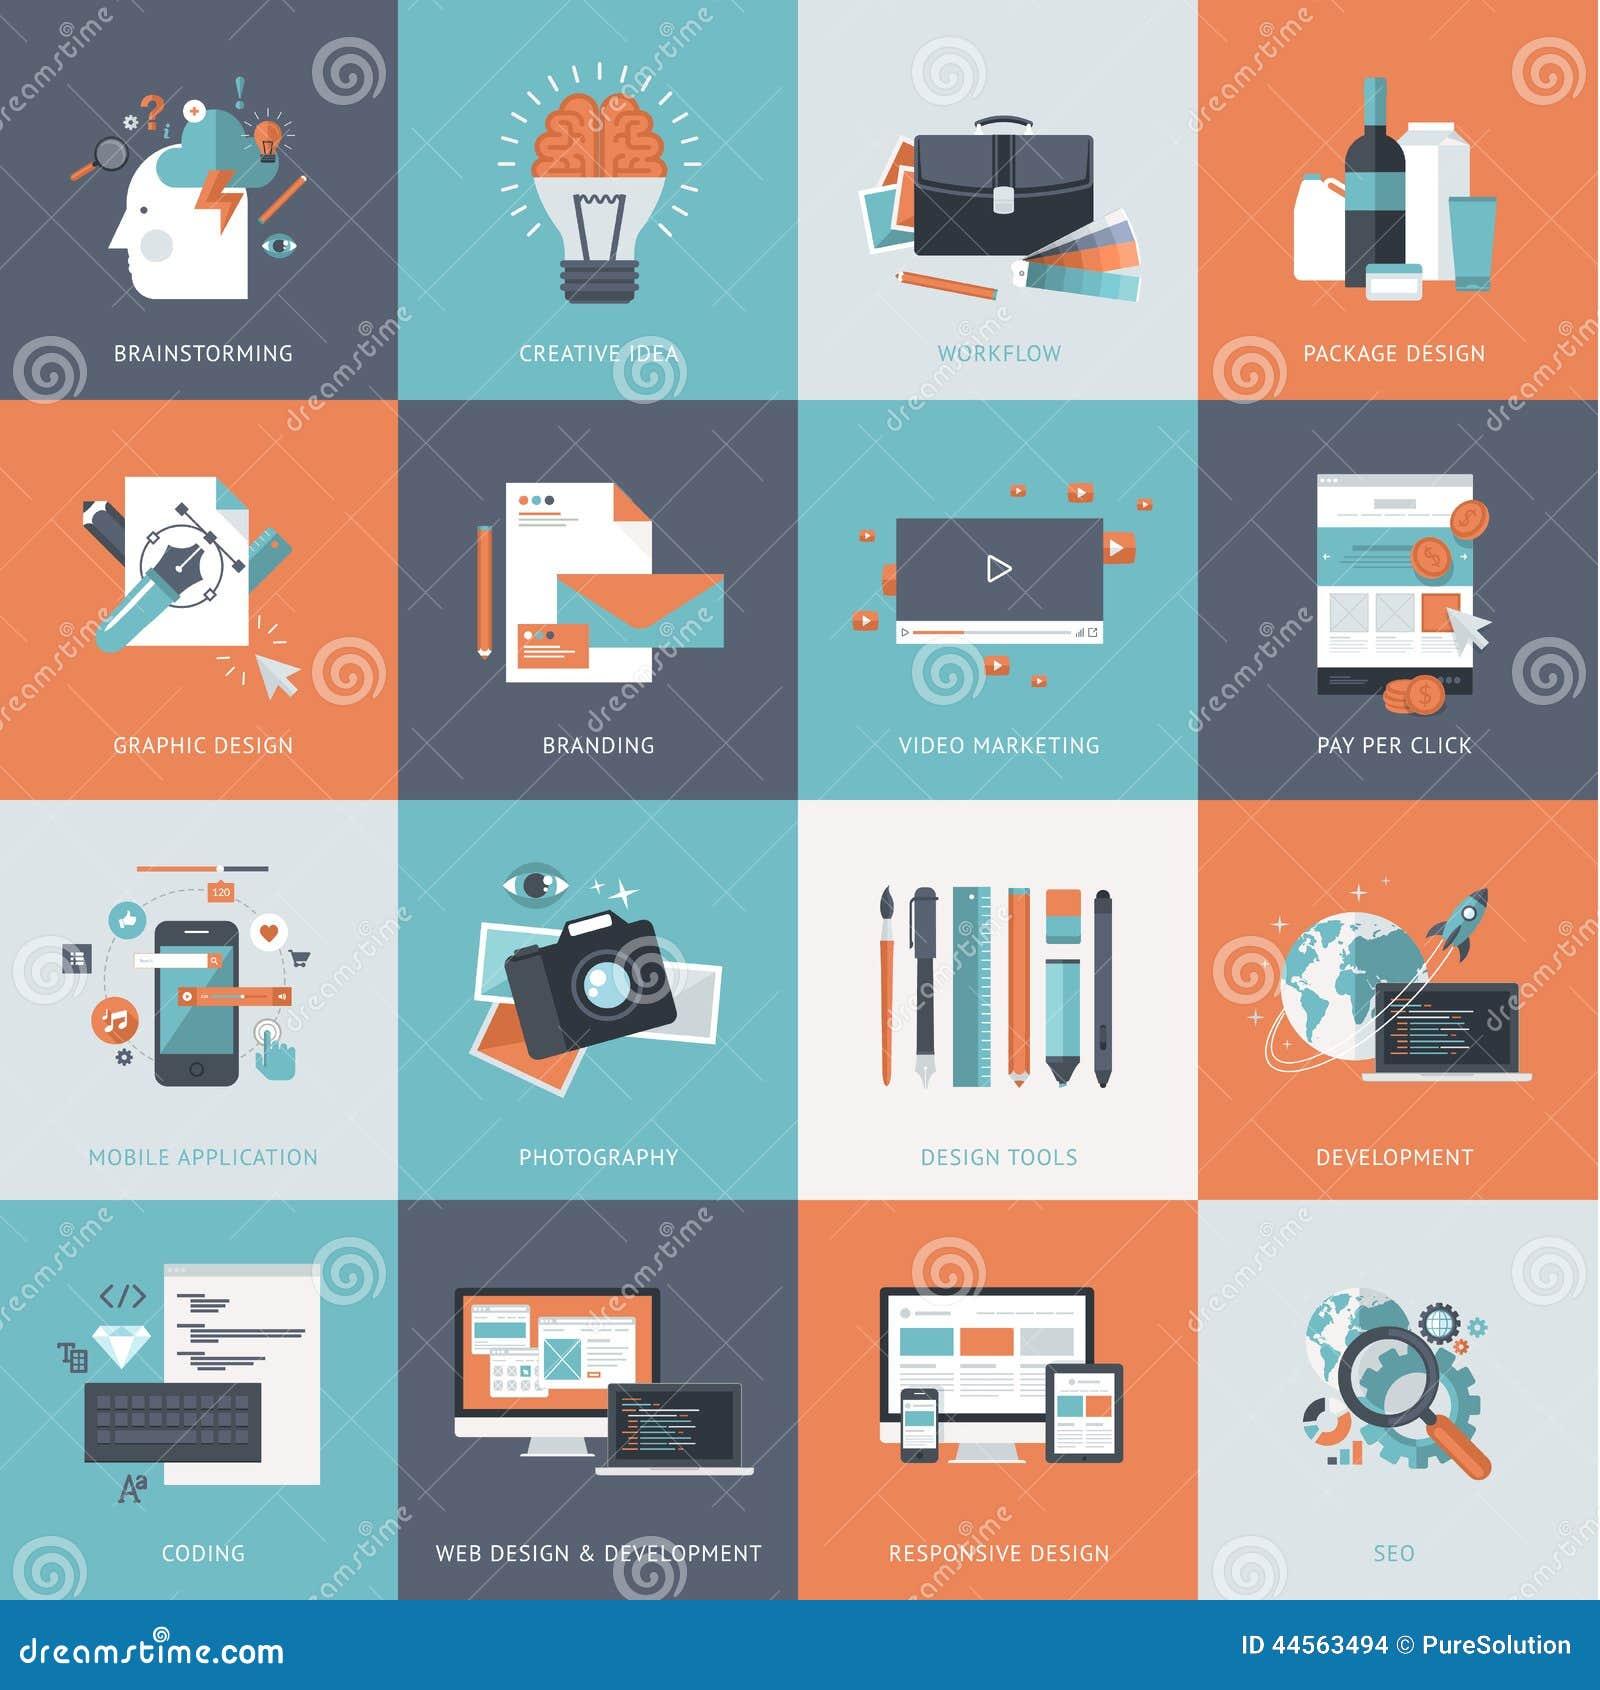 Uppsättning av plana symboler för designbegrepp för websiten och app-utveckling, grafisk design som brännmärker, seo